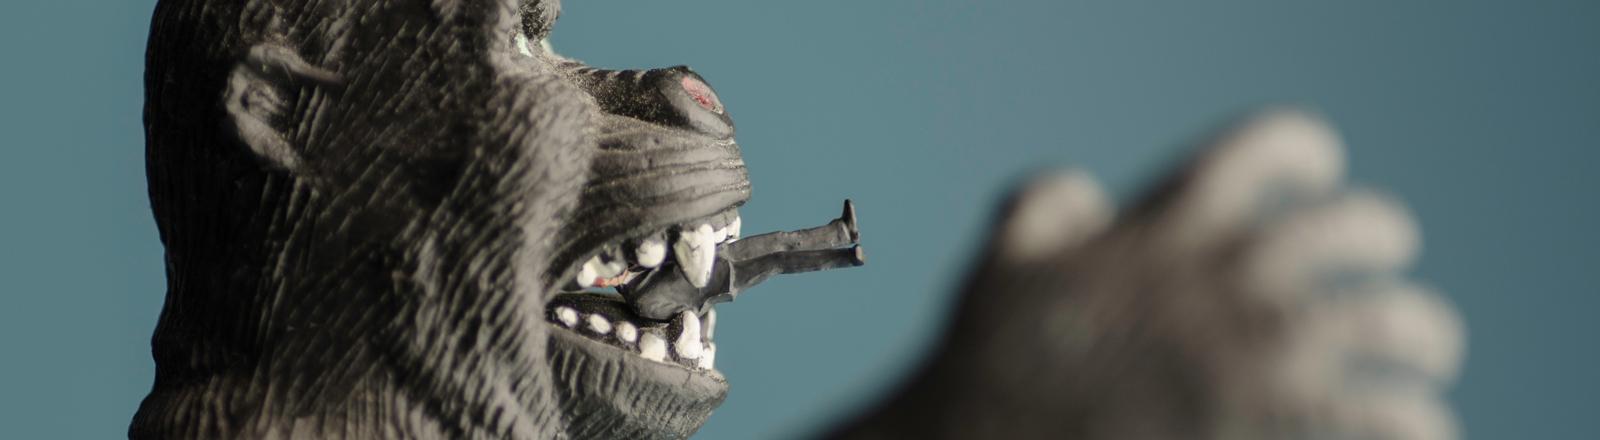 Affenfigur mit Männchen im Maul